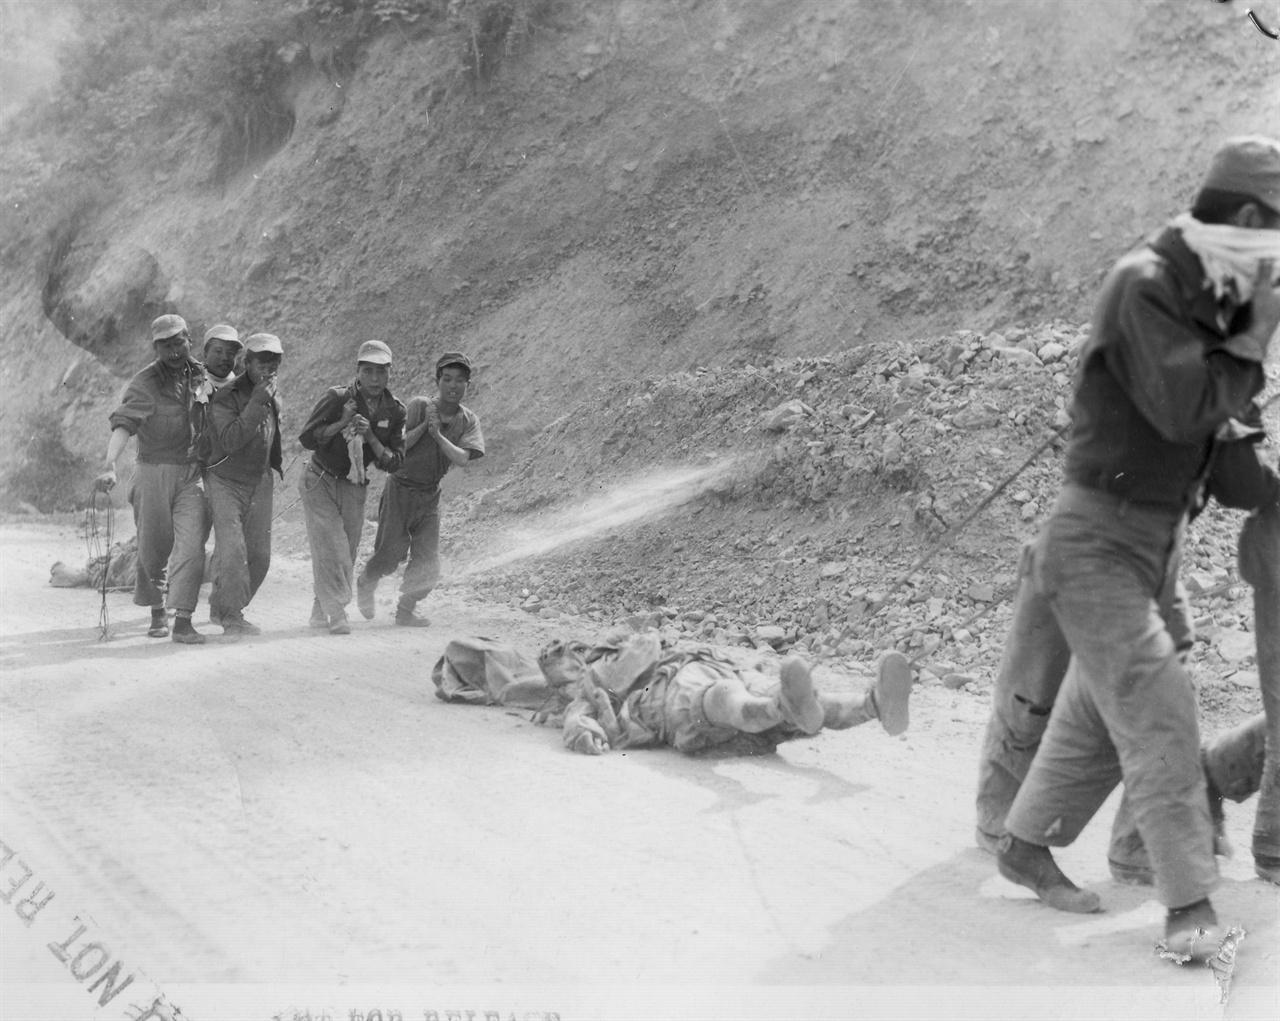 1951. 5. 24. 중국군 시신을 매장하고자 밧줄로 끌어 옮기고 있다.